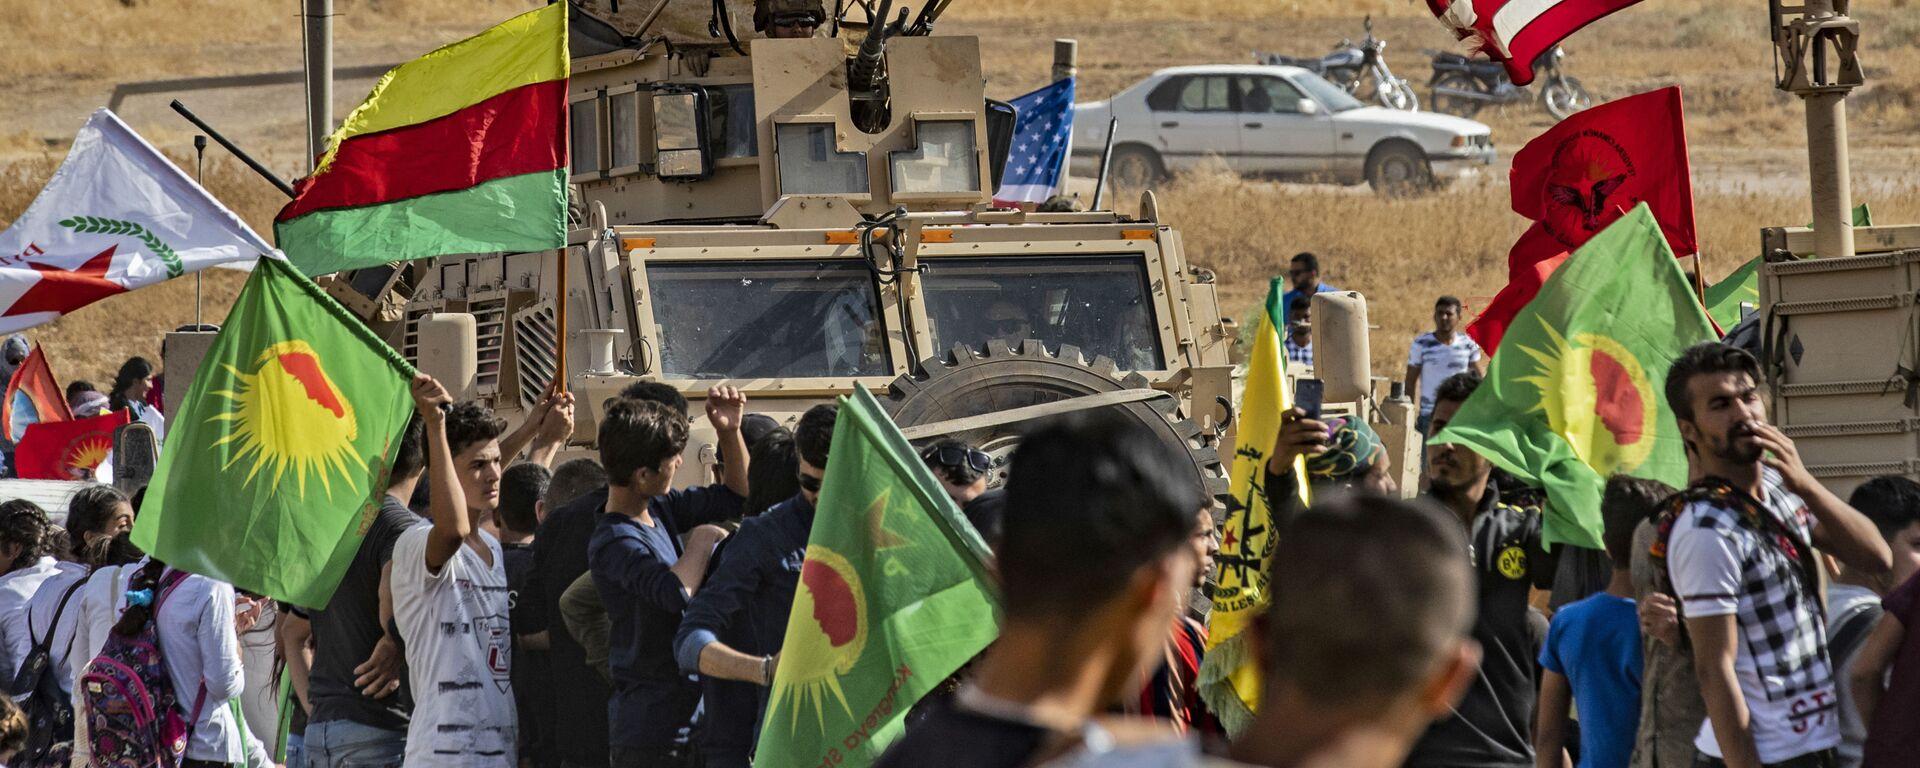 Syryjscy Kurdowie wokół amerykańskich pojazdów opancerzonych podczas demonstracji przeciwko tureckim zagrożeniom w pobliżu bazy wojskowej w syryjskiej prowincji Hasake - Sputnik Polska, 1920, 23.10.2019